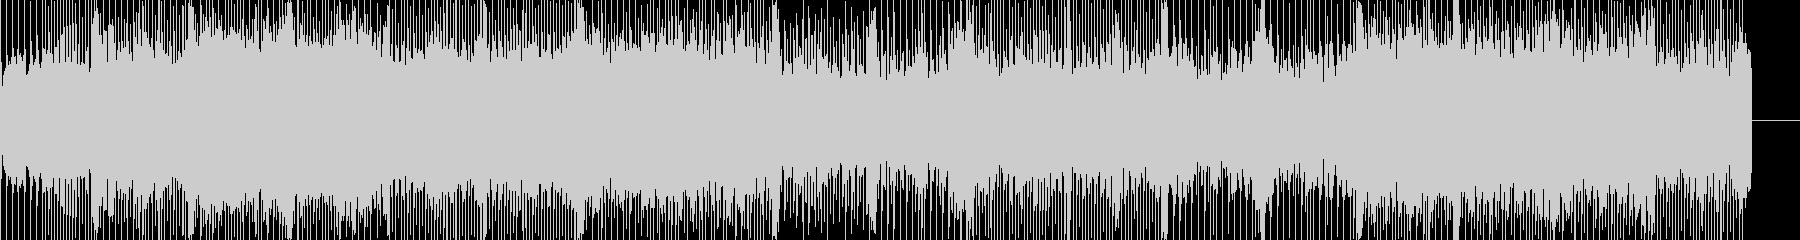 カッコイイDance系EDMなBGMの未再生の波形